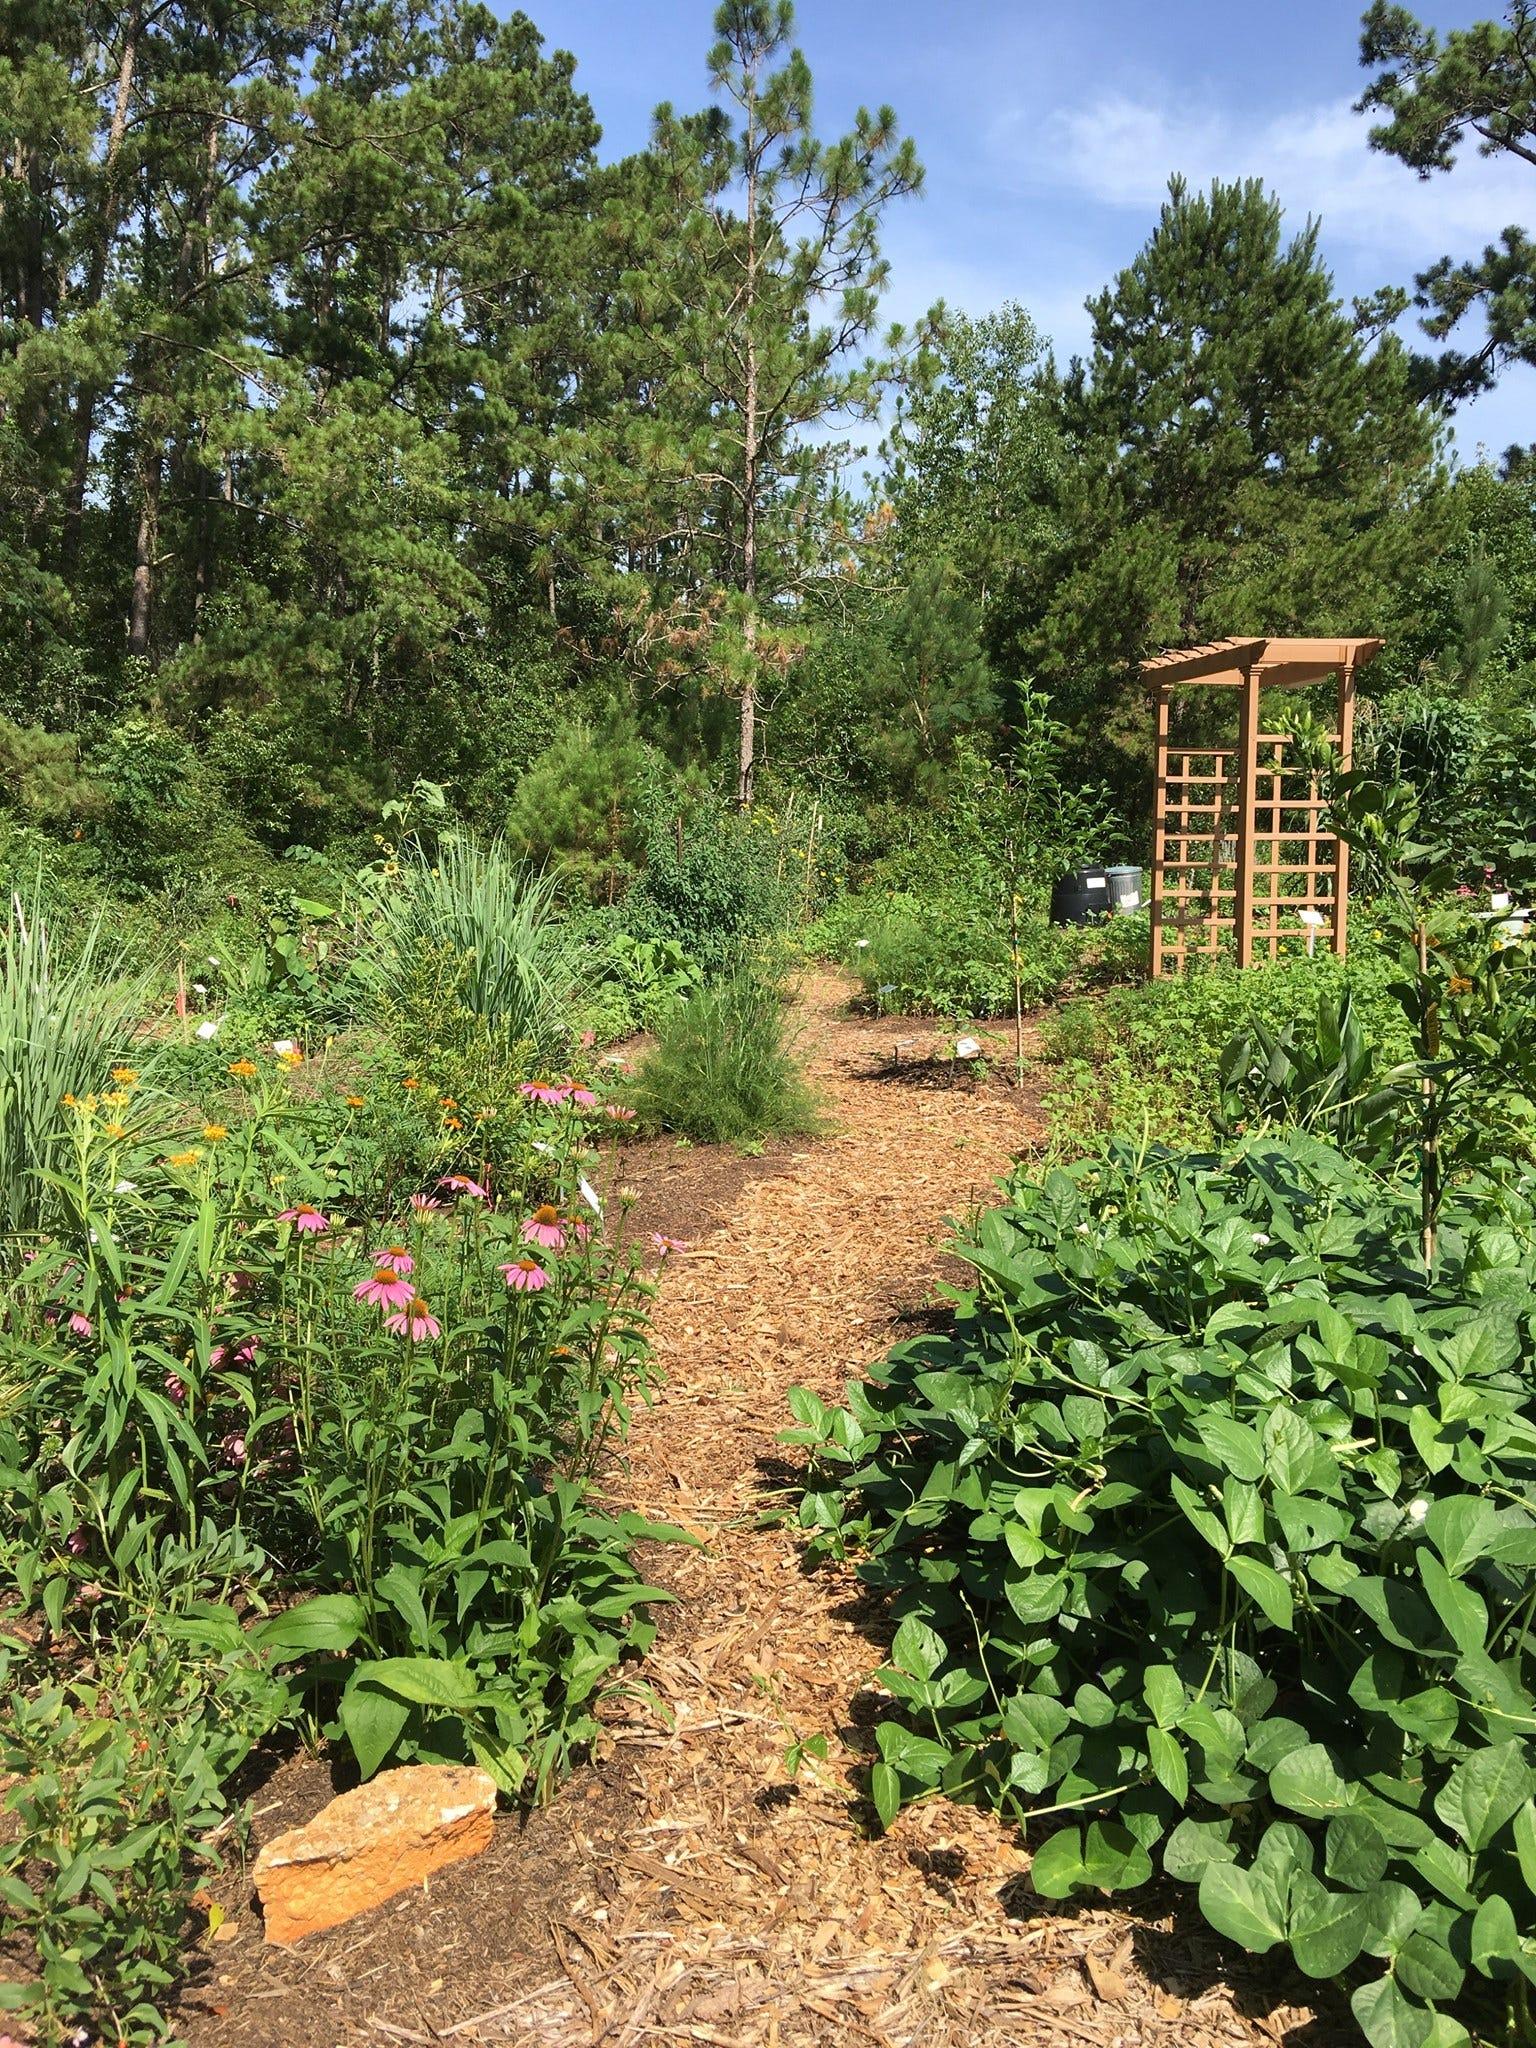 Explore An Edible Forest At Extension Garden